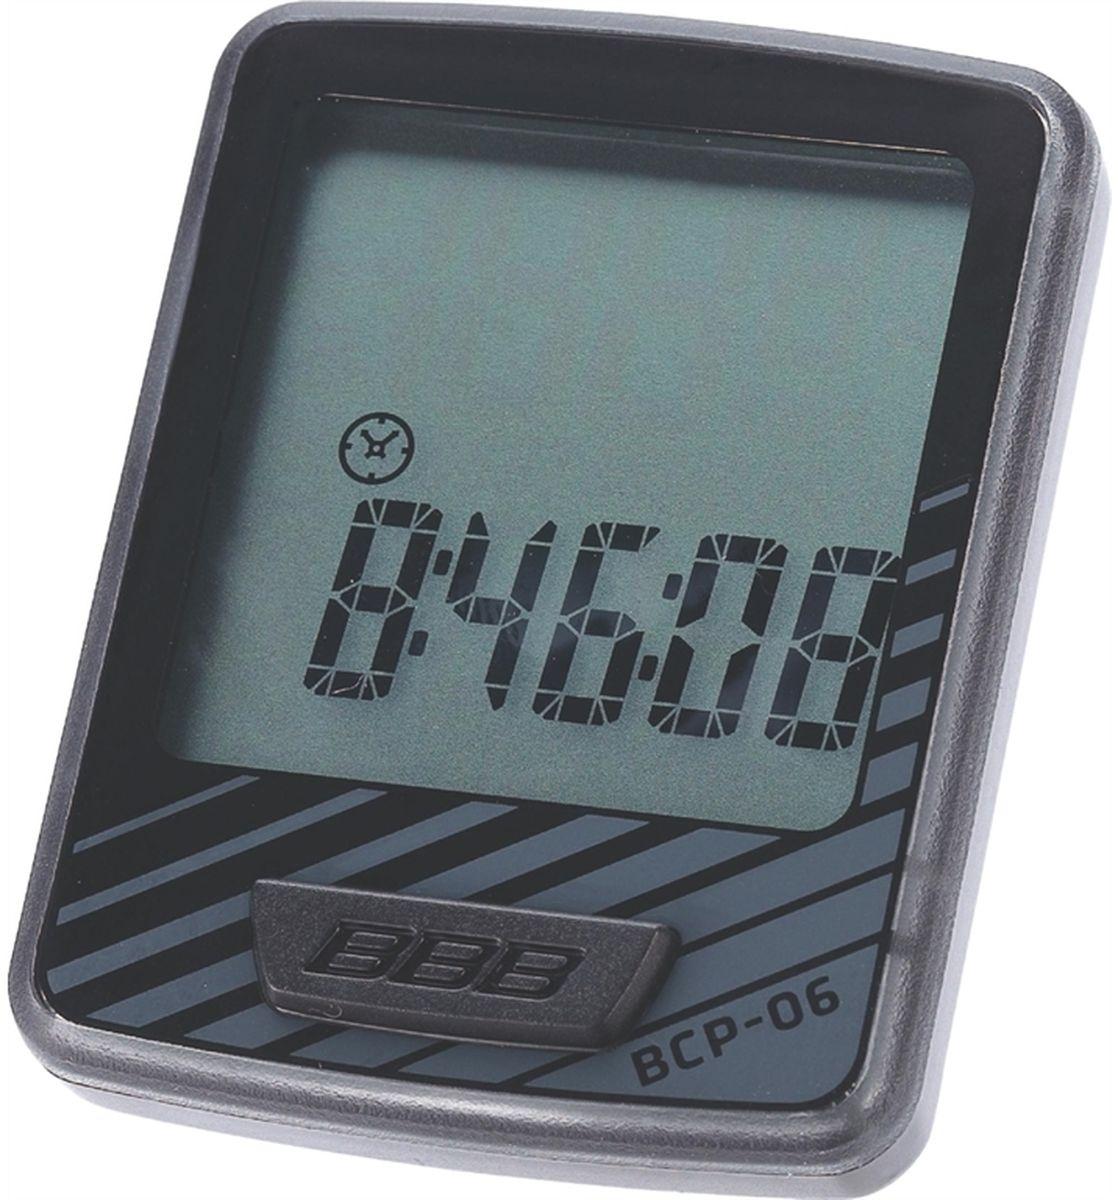 Велокомпьютер BBB DashBoard , цвет: черный, серый, 10 функцийZ90 blackВелокомпьютер BBB DashBoard стал, в своем роде, образцом для подражания. Появившись как простой и небольшой велокомпьютер с большим и легкочитаемым экраном, он эволюционировал в любимый прибор велосипедистов, которым нужна простая в использовании вещь без тысячи лишних функций. Общий размер велокомпьютера имеет небольшой размер за счет верхней части корпуса. Размер экрана 32 х 32 мм, позволяющие легко считывать информацию. Управление одной кнопкой.Функции:Текущая скоростьРасстояние поездкиОдометрЧасыАвтоматический переход функцийСредняя скоростьМаксимальная скоростьВремя поездкиАвто старт/стопИндикатор низкого заряда батареи.Особенности:Легко читаемый полноразмерный дисплей.Удобное управление с помощью одной кнопки.Компьютер может быть установлен на руле и выносе.Водонепроницаемый корпус.Батарейка в комплекте.